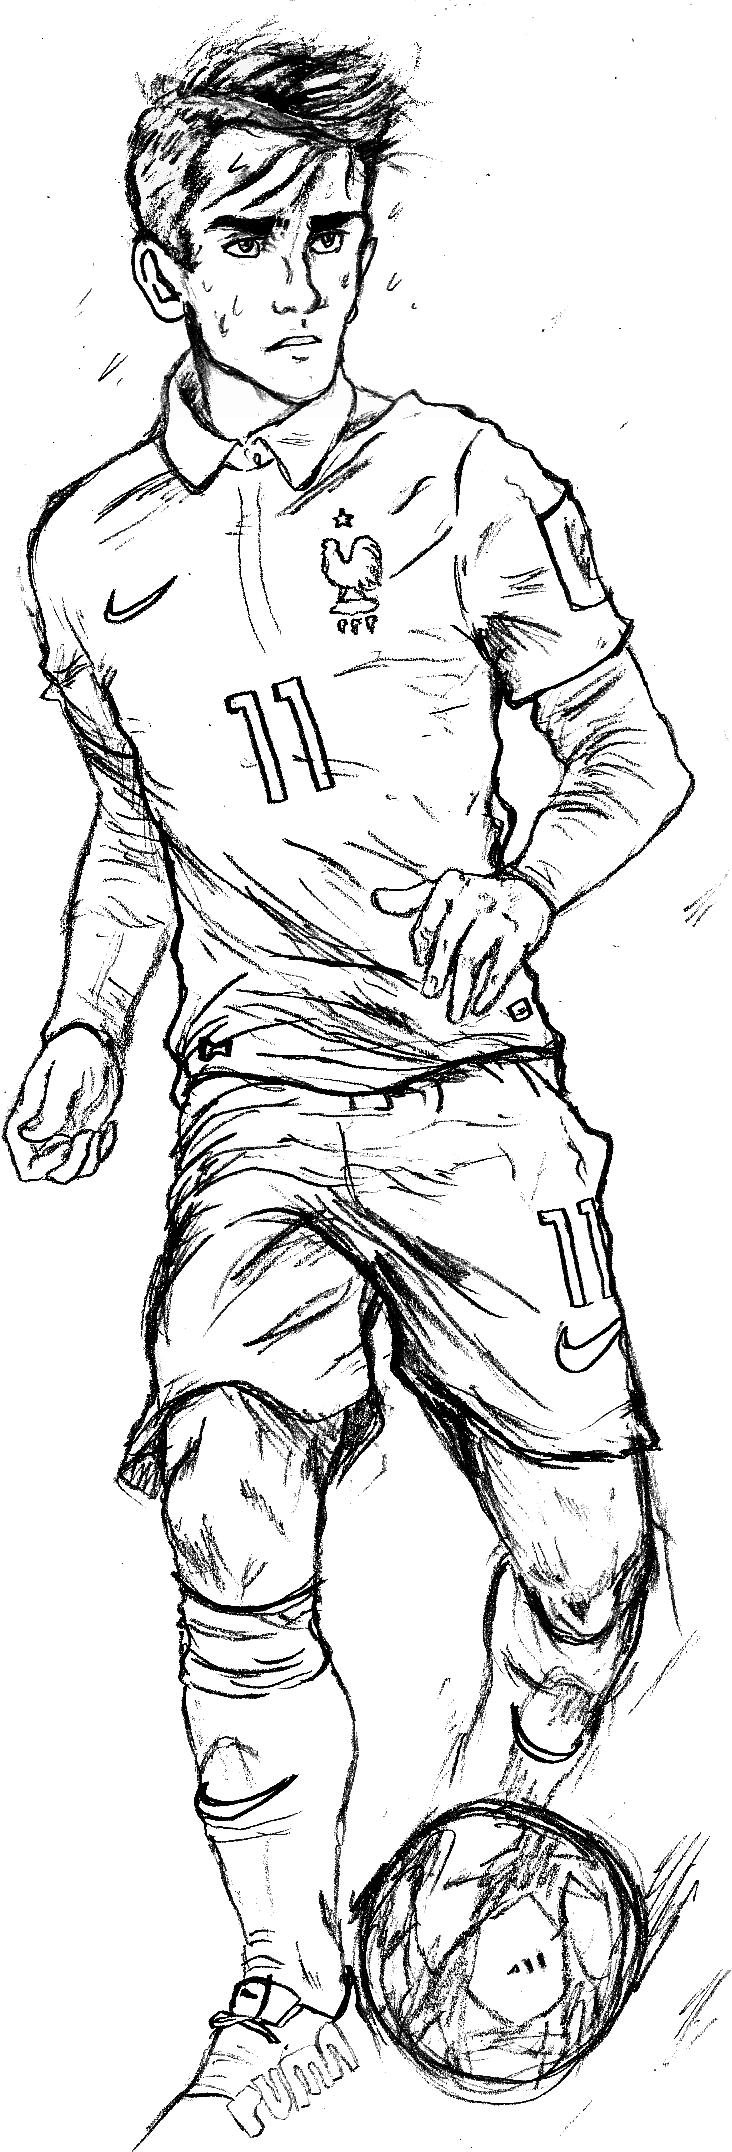 Mon dessin d 39 un joueur sur le forum football 11 02 2015 00 48 55 - Image de joueur de foot a imprimer ...